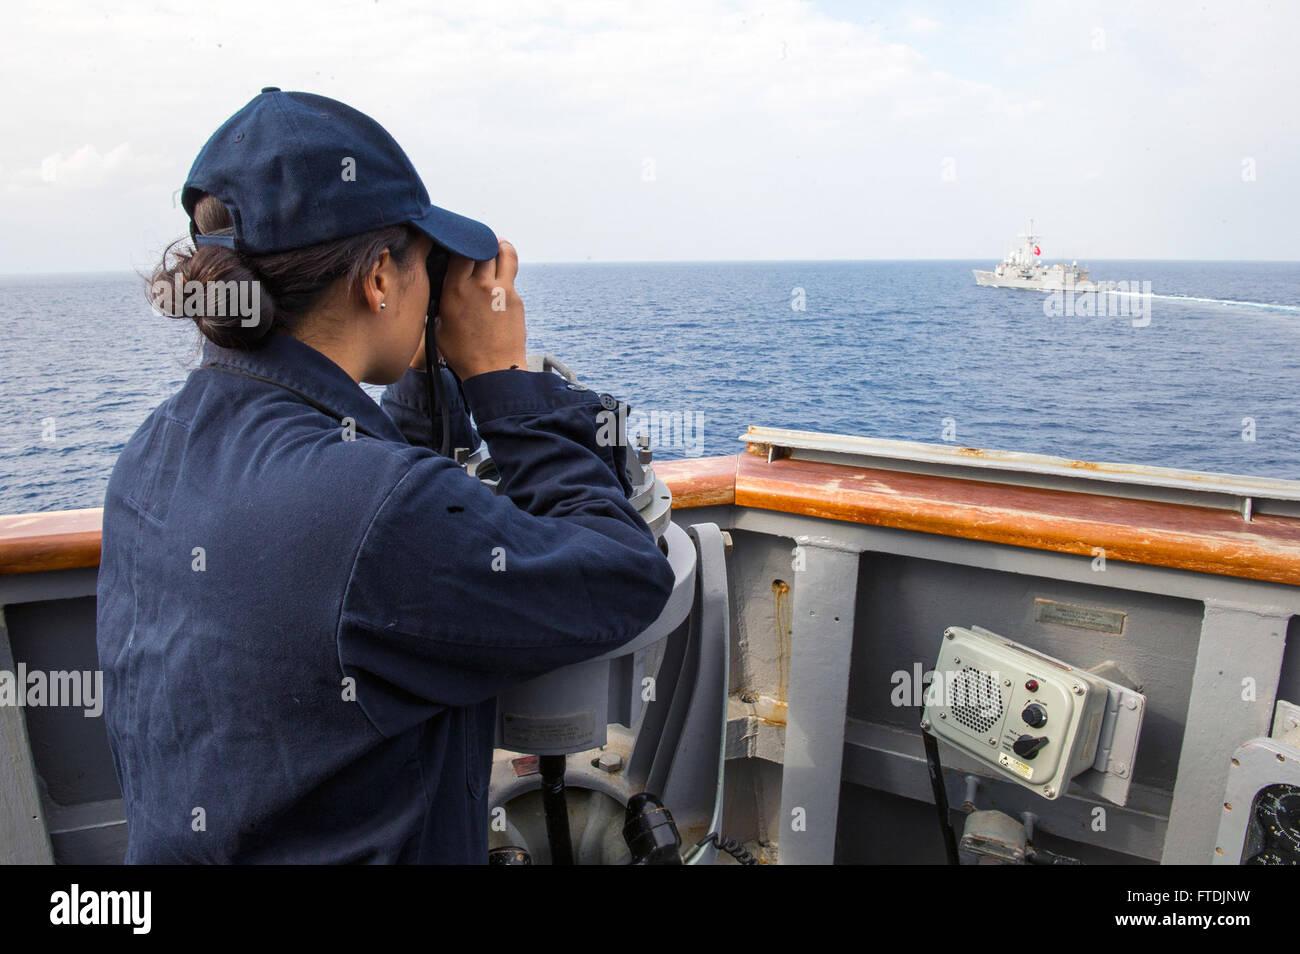 Entfernungsmesser Schiff : Turkish ship gokceada f 494 stockfotos &